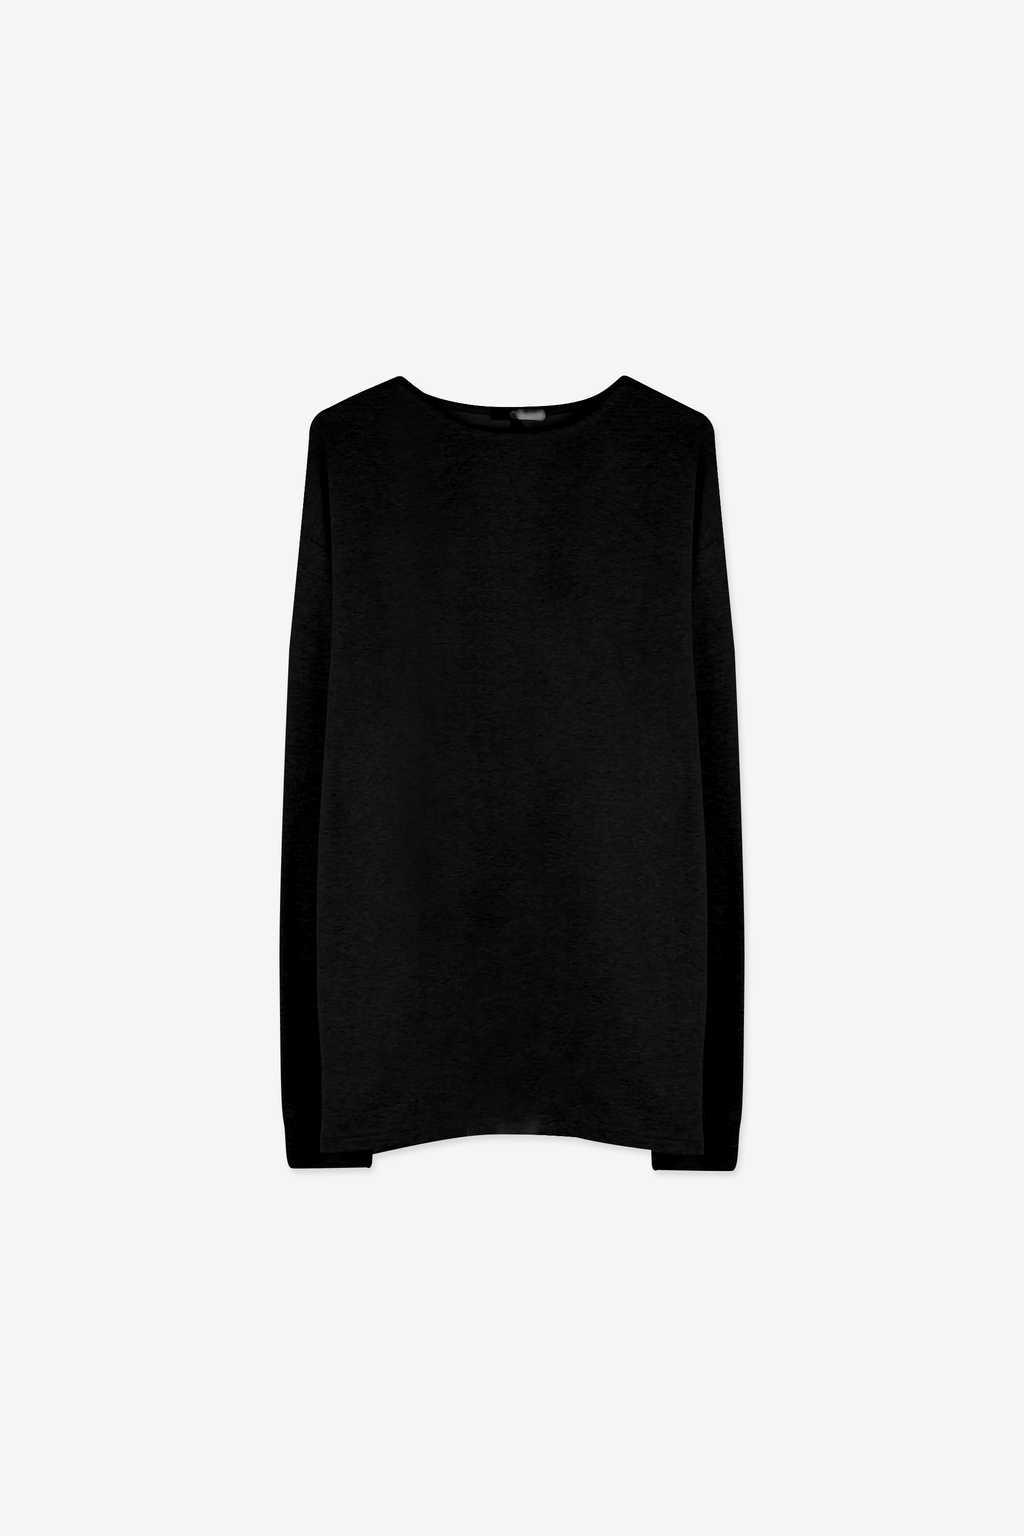 TShirt G006 Black 5